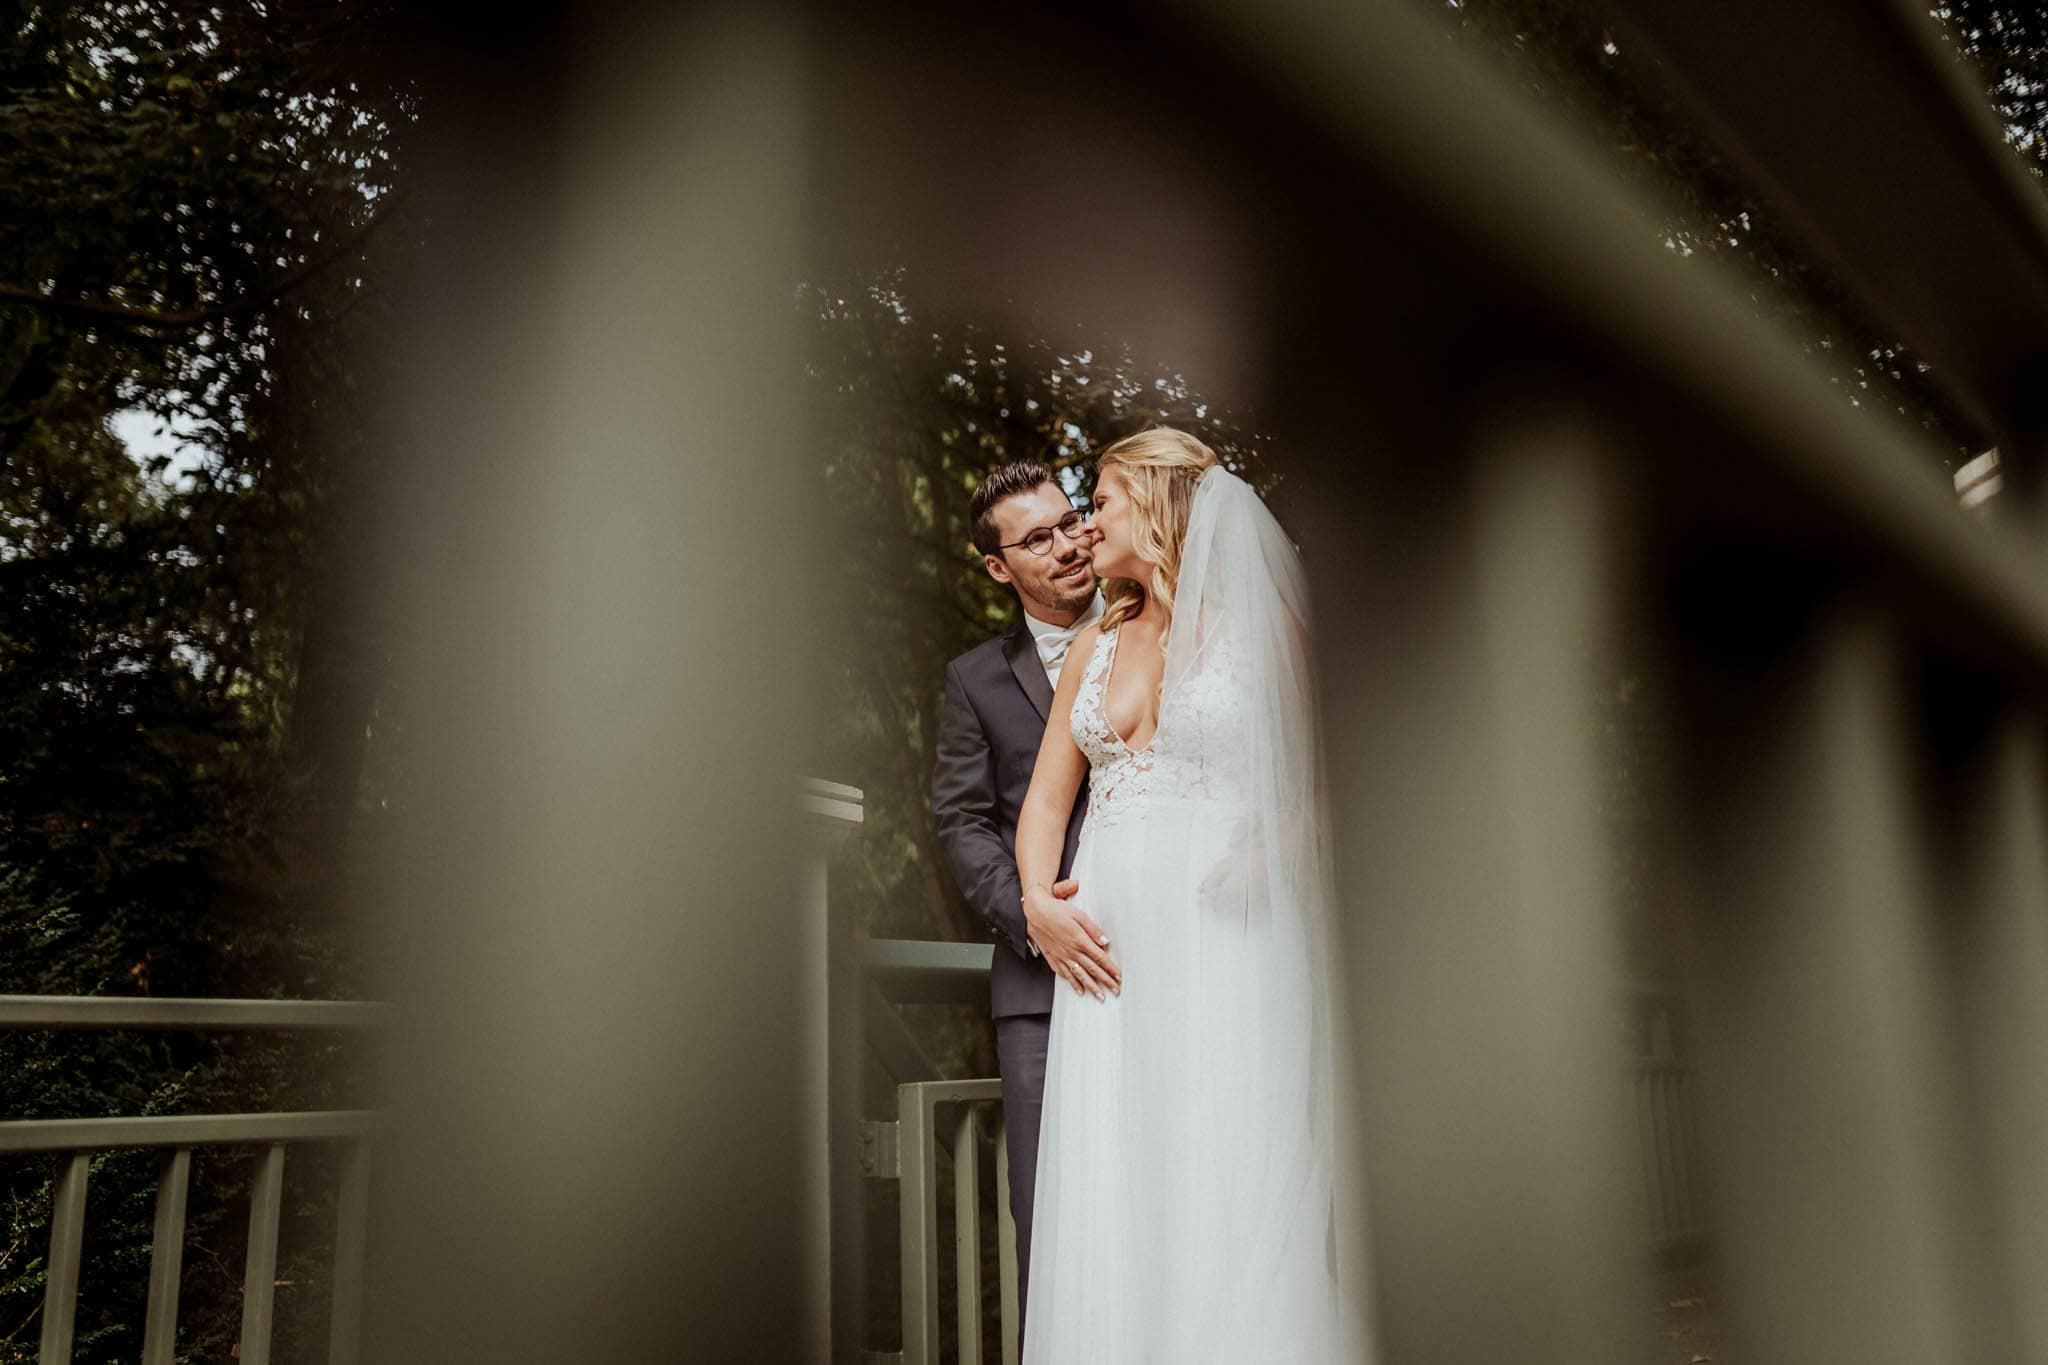 Hochzeitsfieber by Photo-Schomburg, Hochzeitsfotograf, Hamburg, Bremen, Hochzeitstag, Hochzeitspaar, Braut, Bräutigam, Bremen-Kränholm,Knoops Park-145